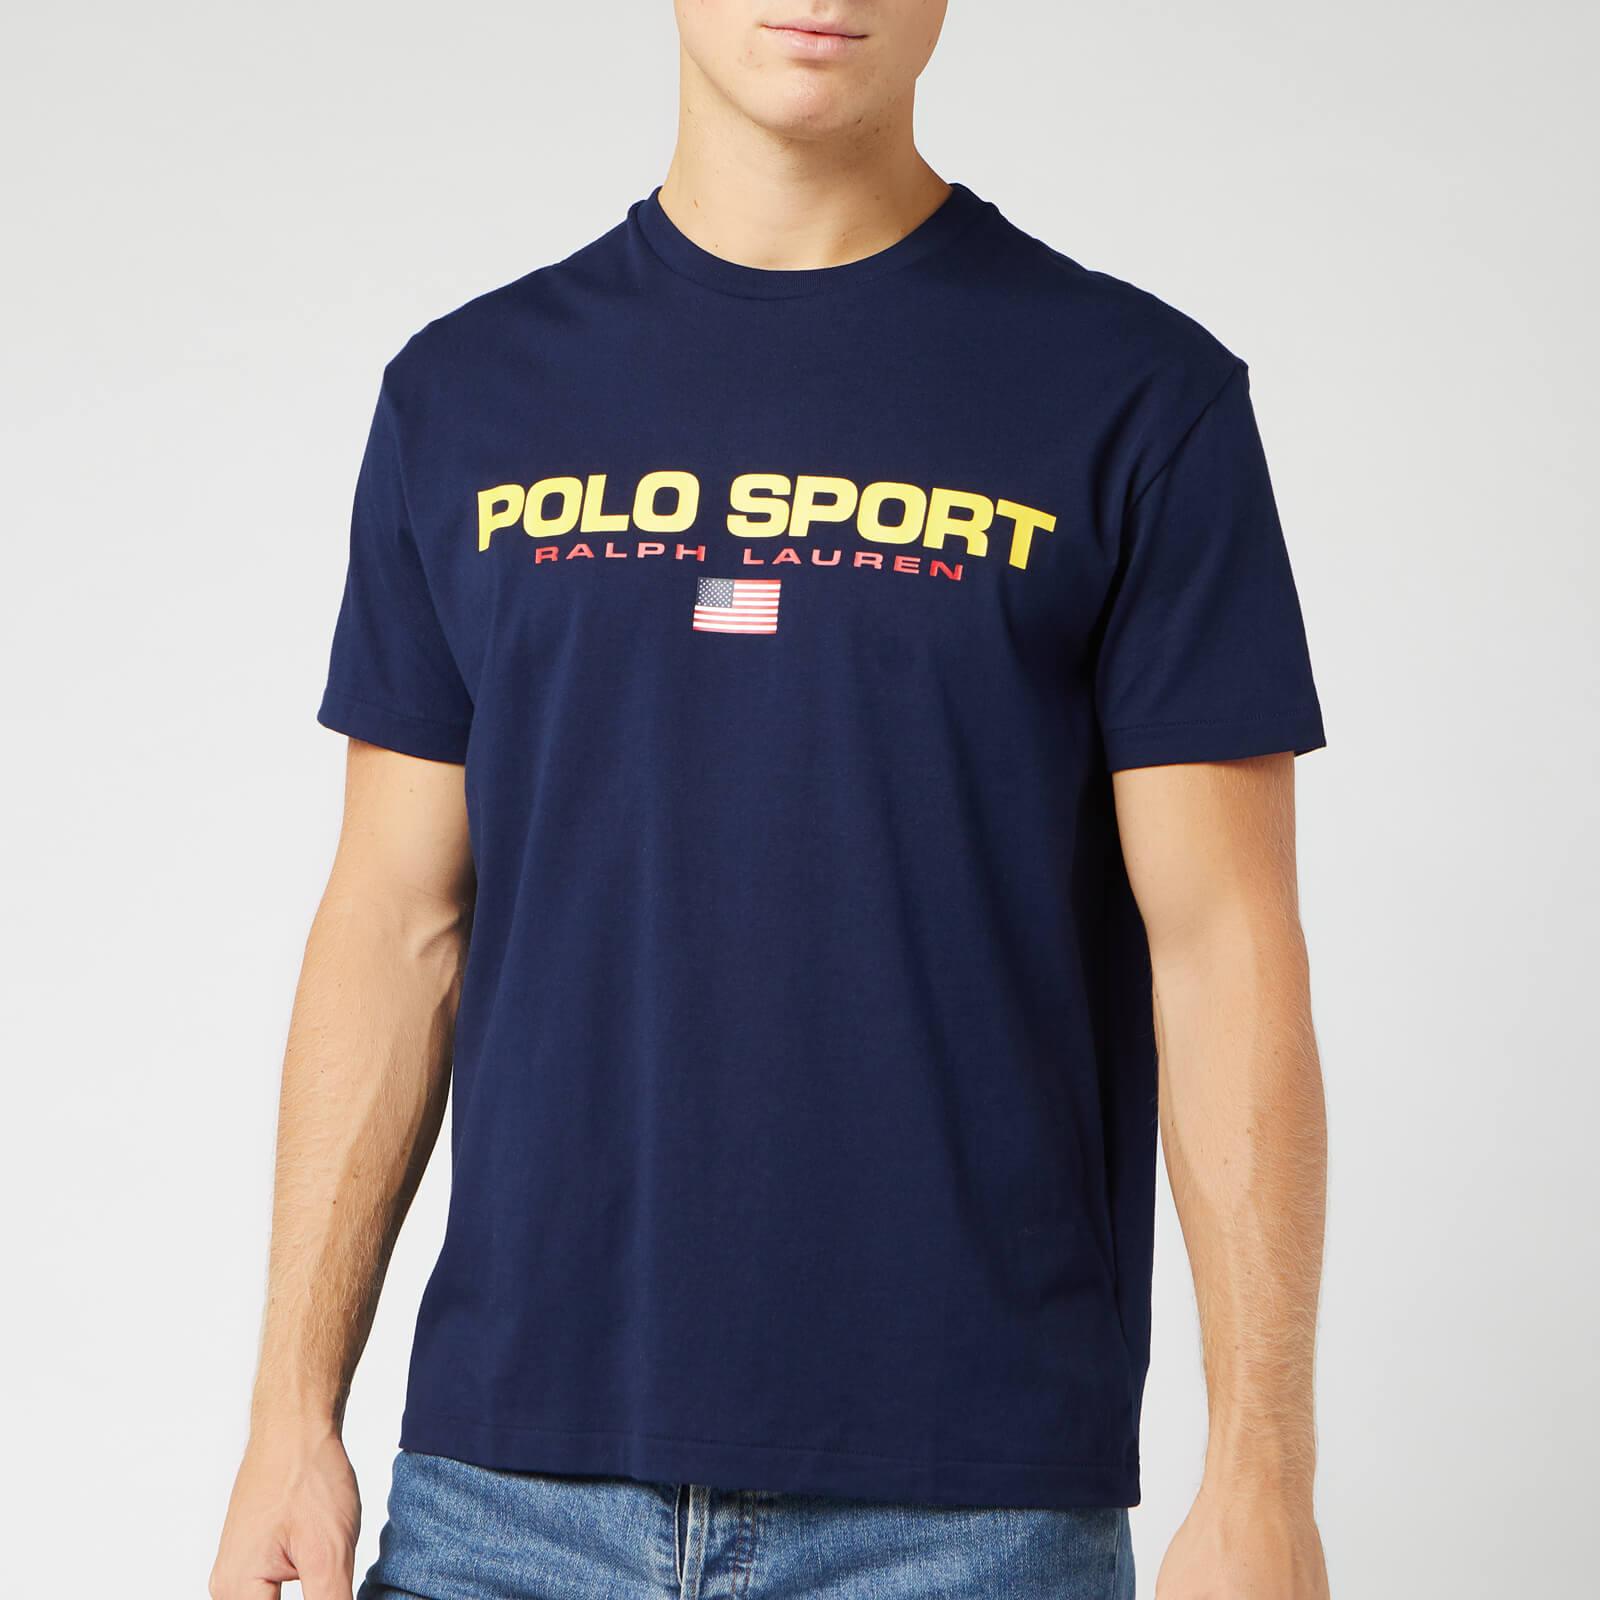 Polo Sport Ralph Lauren Men's T-Shirt - Cruise